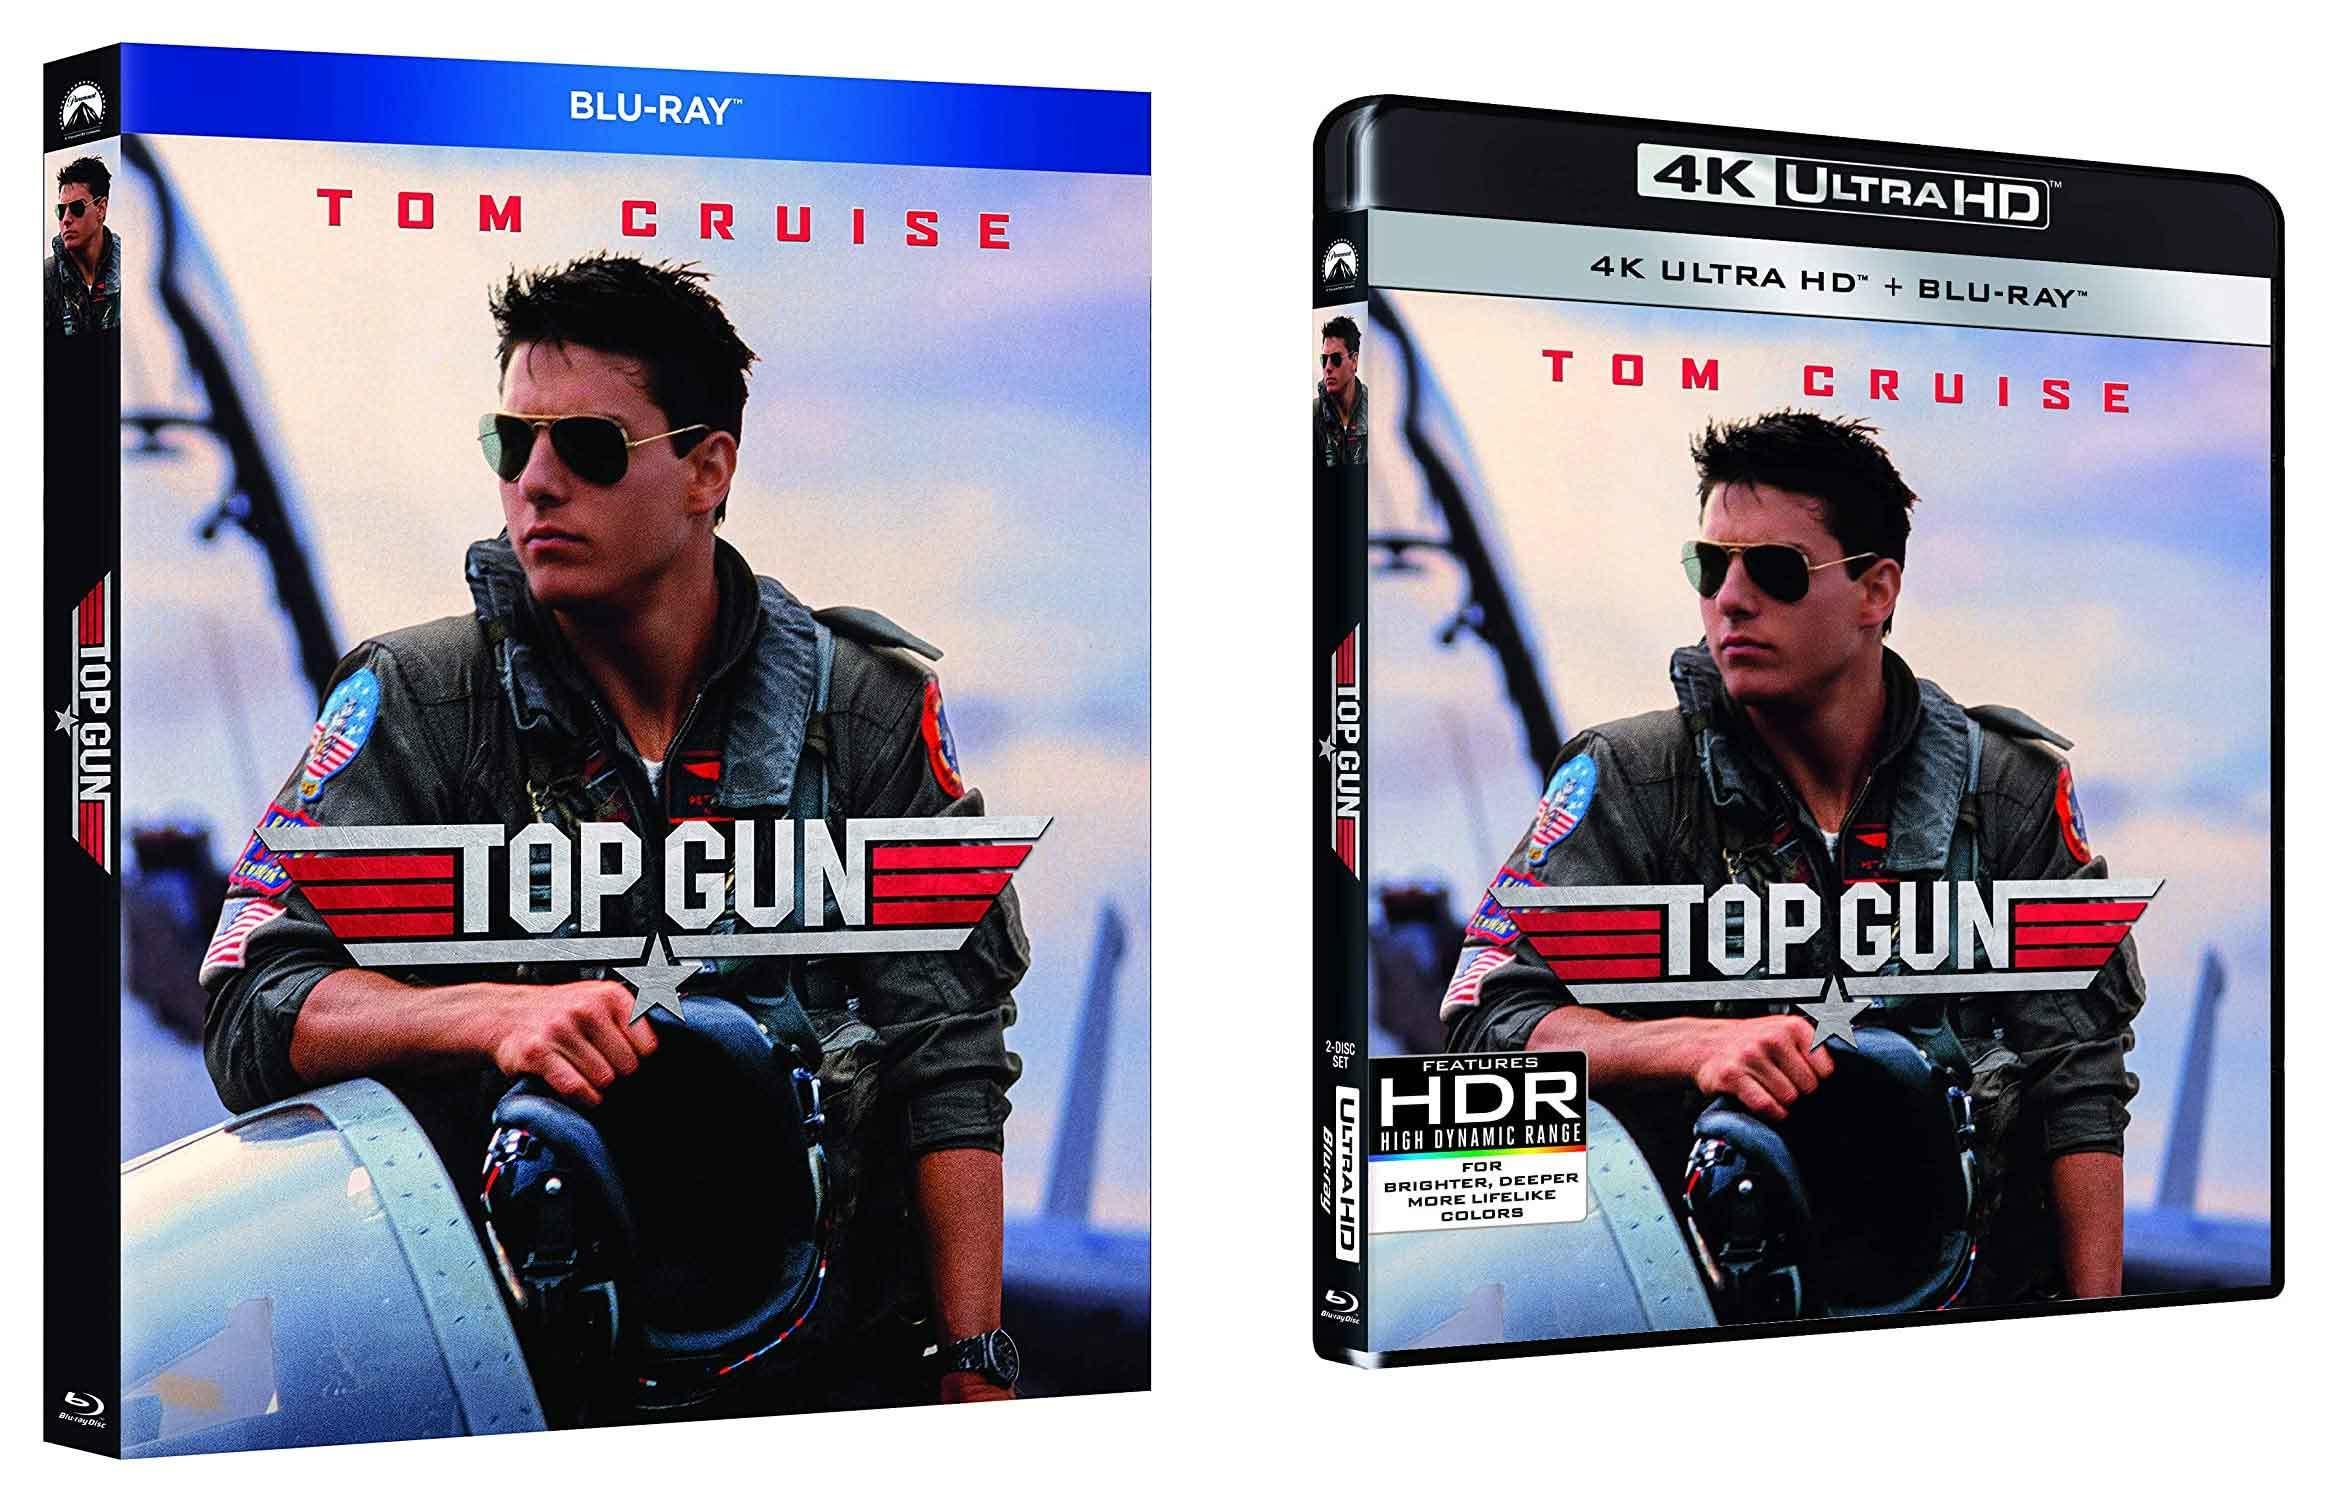 Top Gun rimasterizzato in Blu-ray e 4K Ultra HD